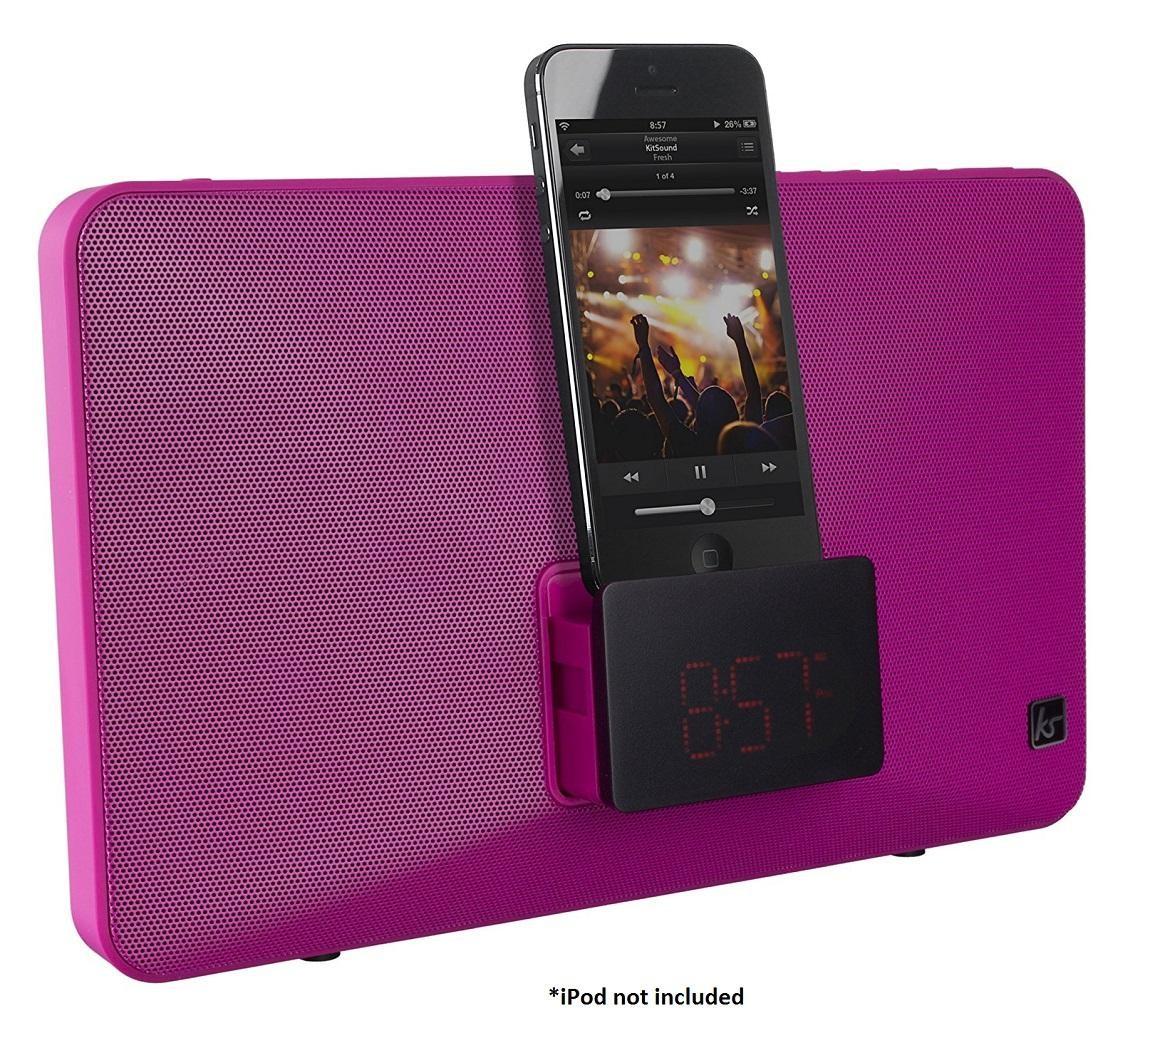 kitsound fresh alarm clock radio dock station lightning connector pink c grade electrical deals. Black Bedroom Furniture Sets. Home Design Ideas